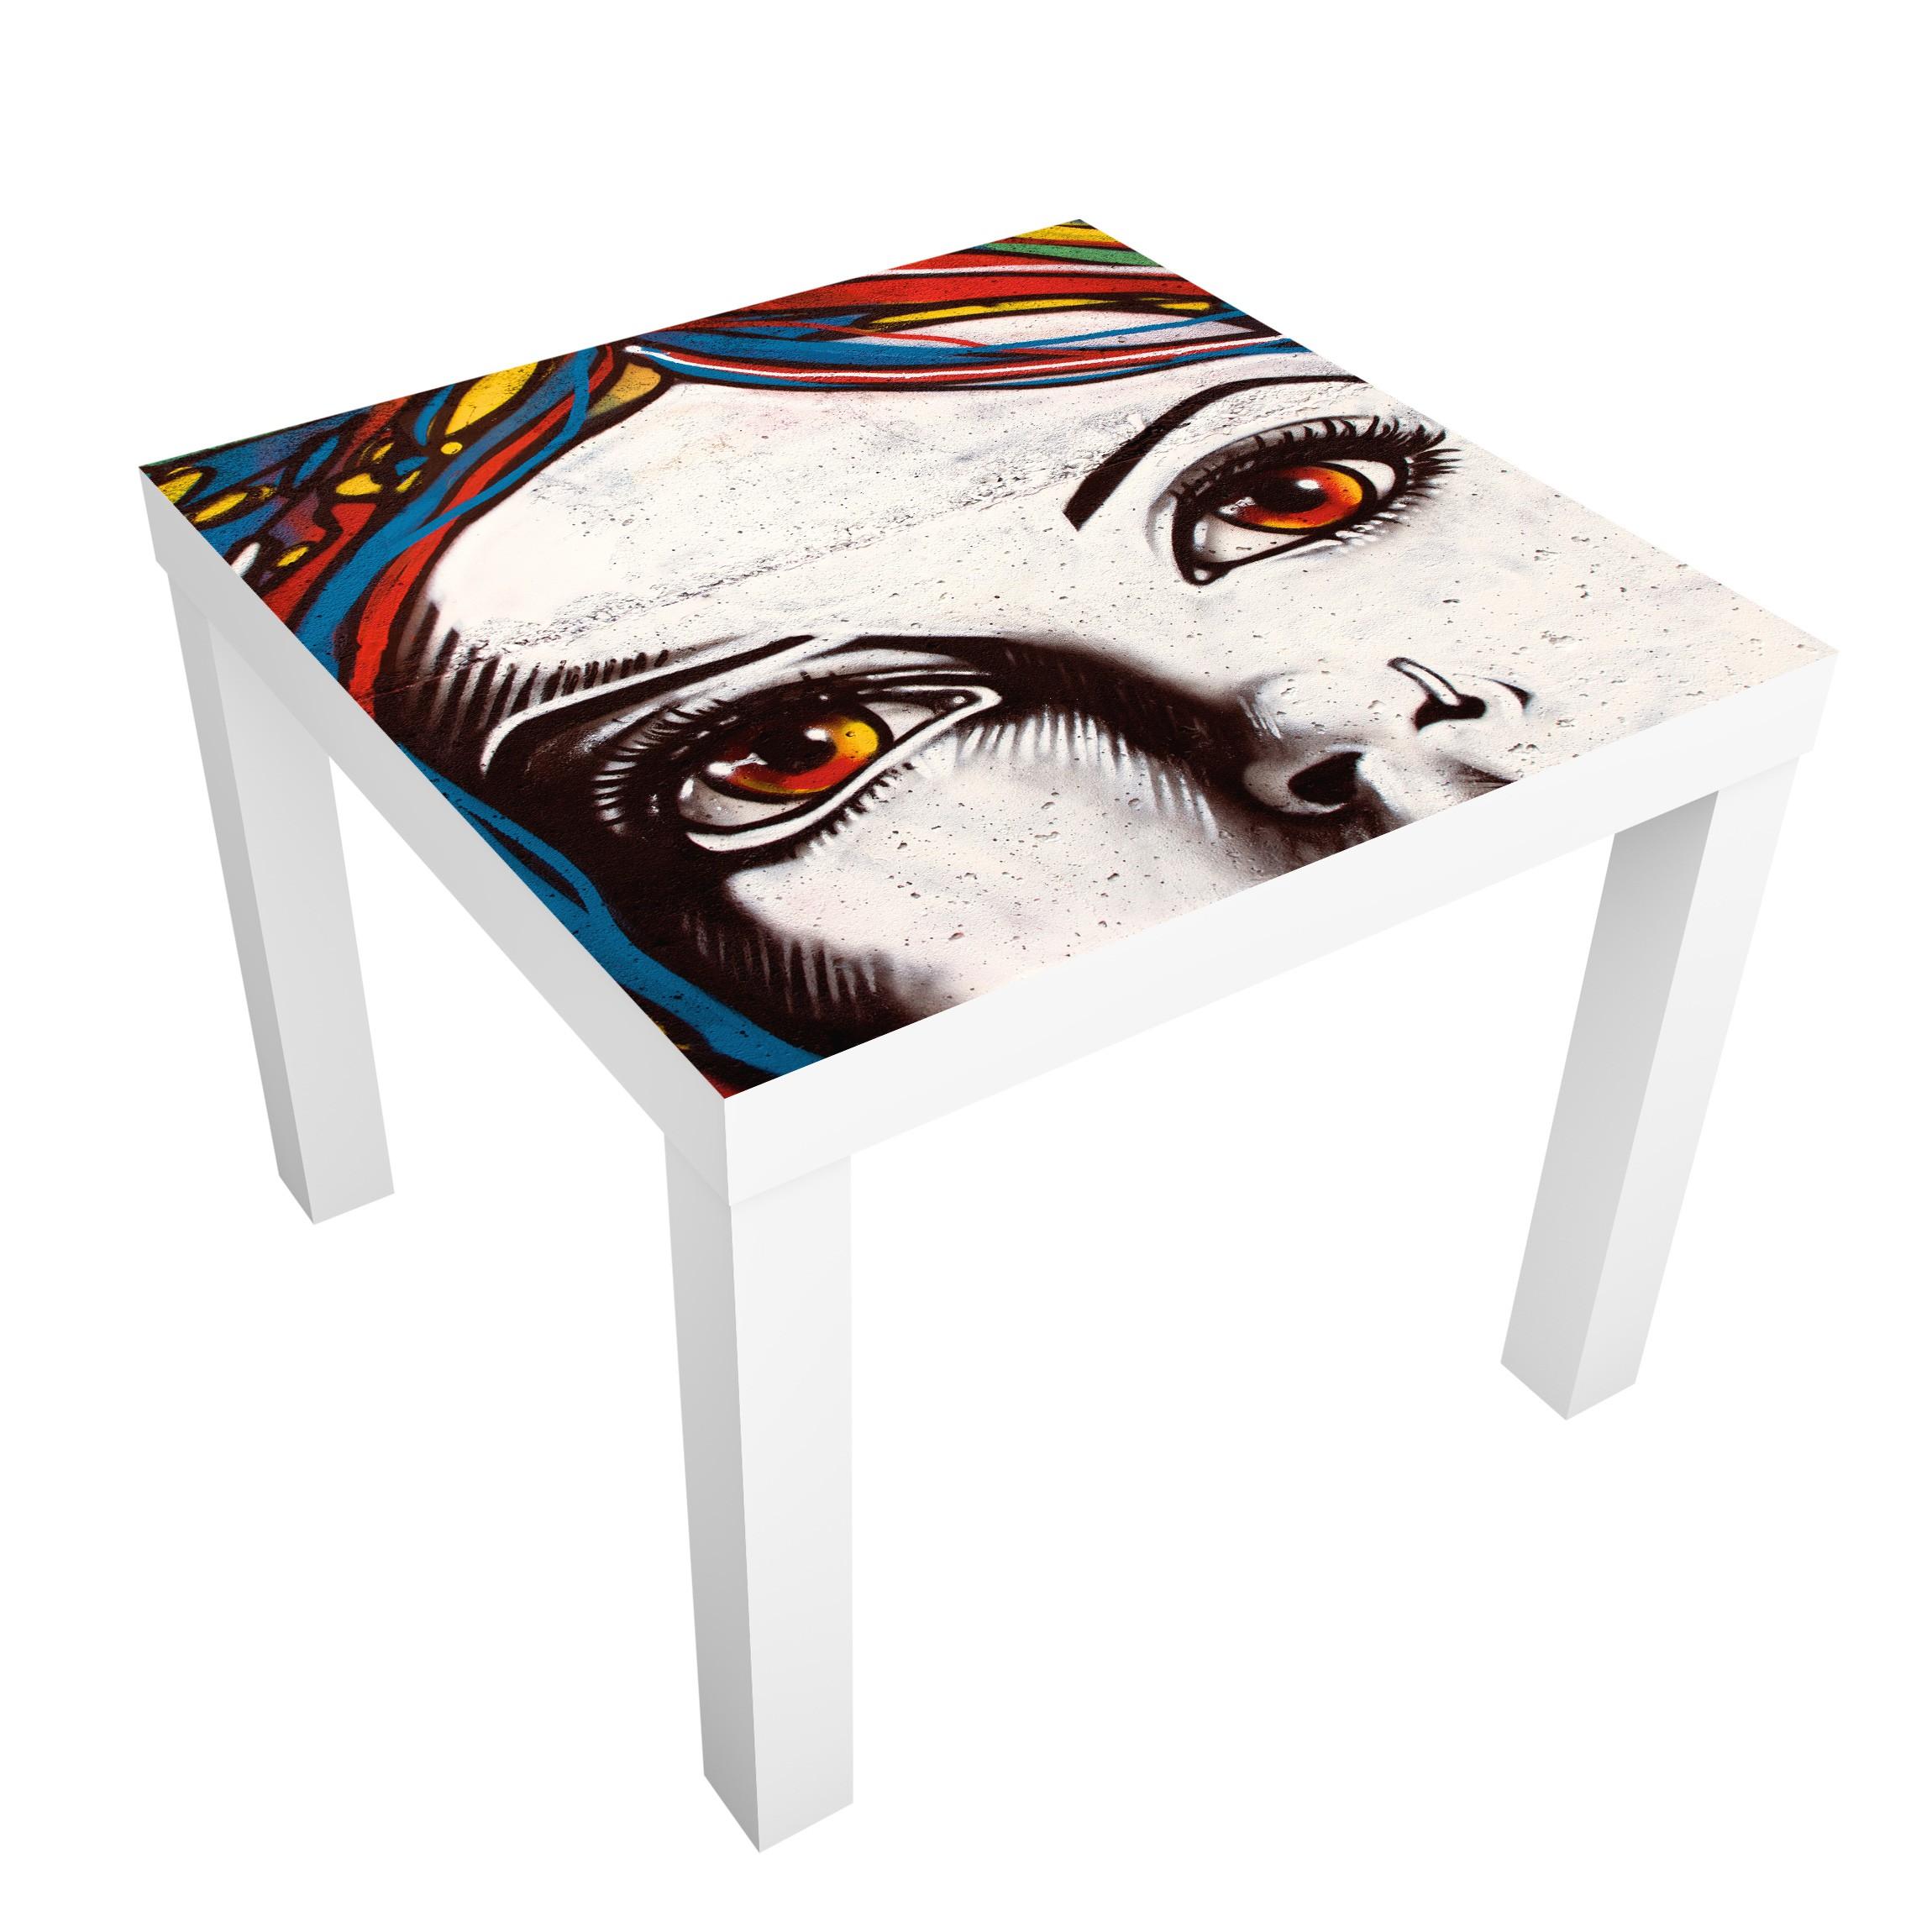 Carta adesiva per mobili ikea lack tavolino punk graffiti for Carta adesiva mobili